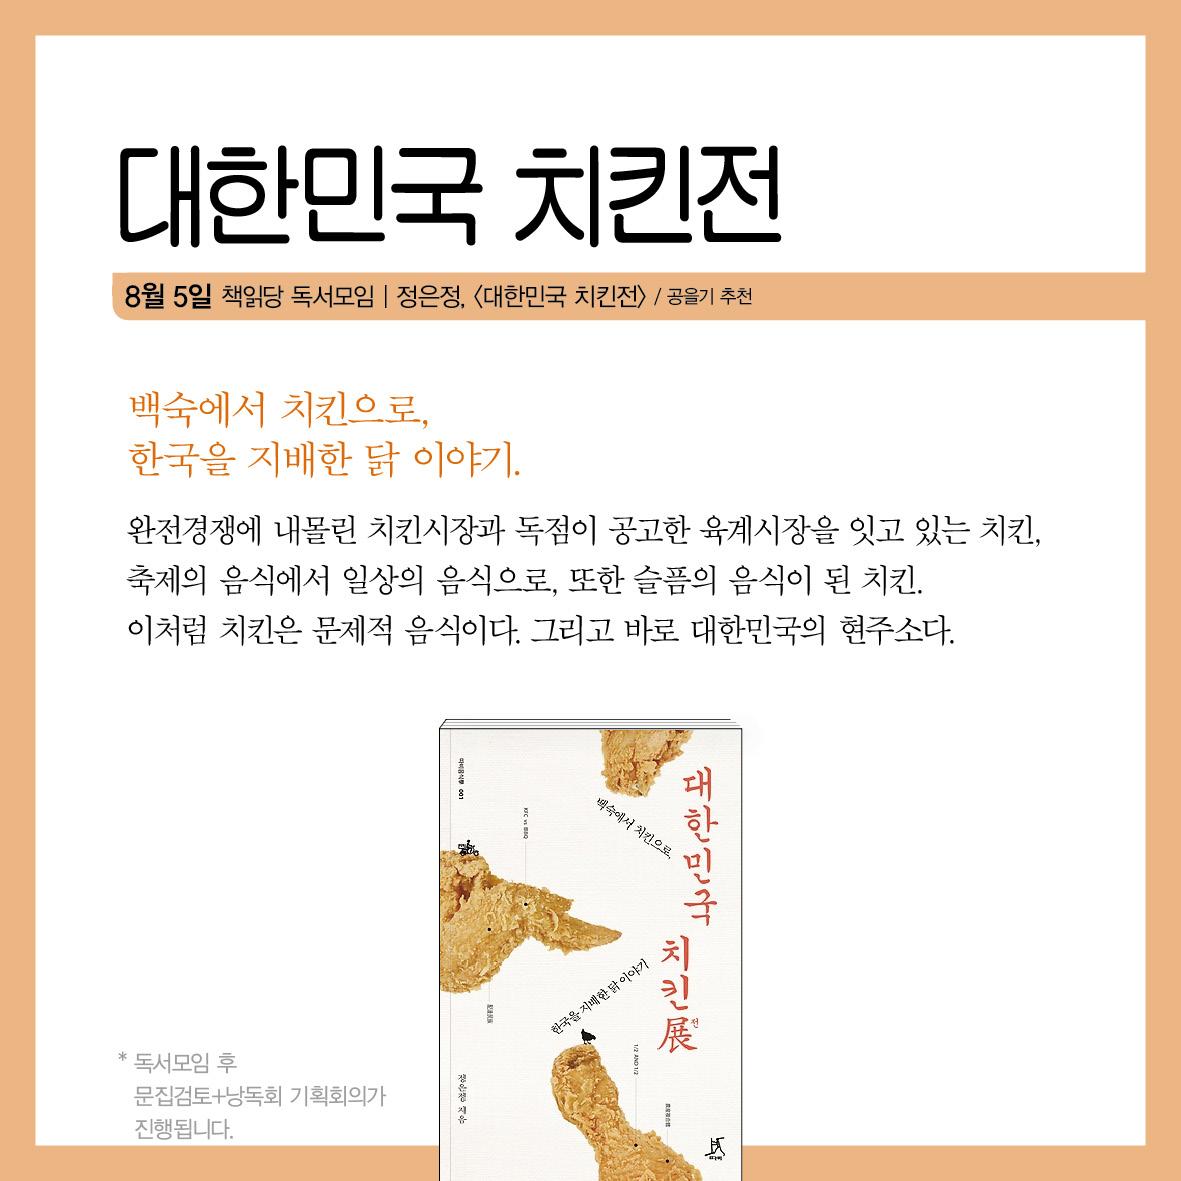 3분기-카드3.jpg